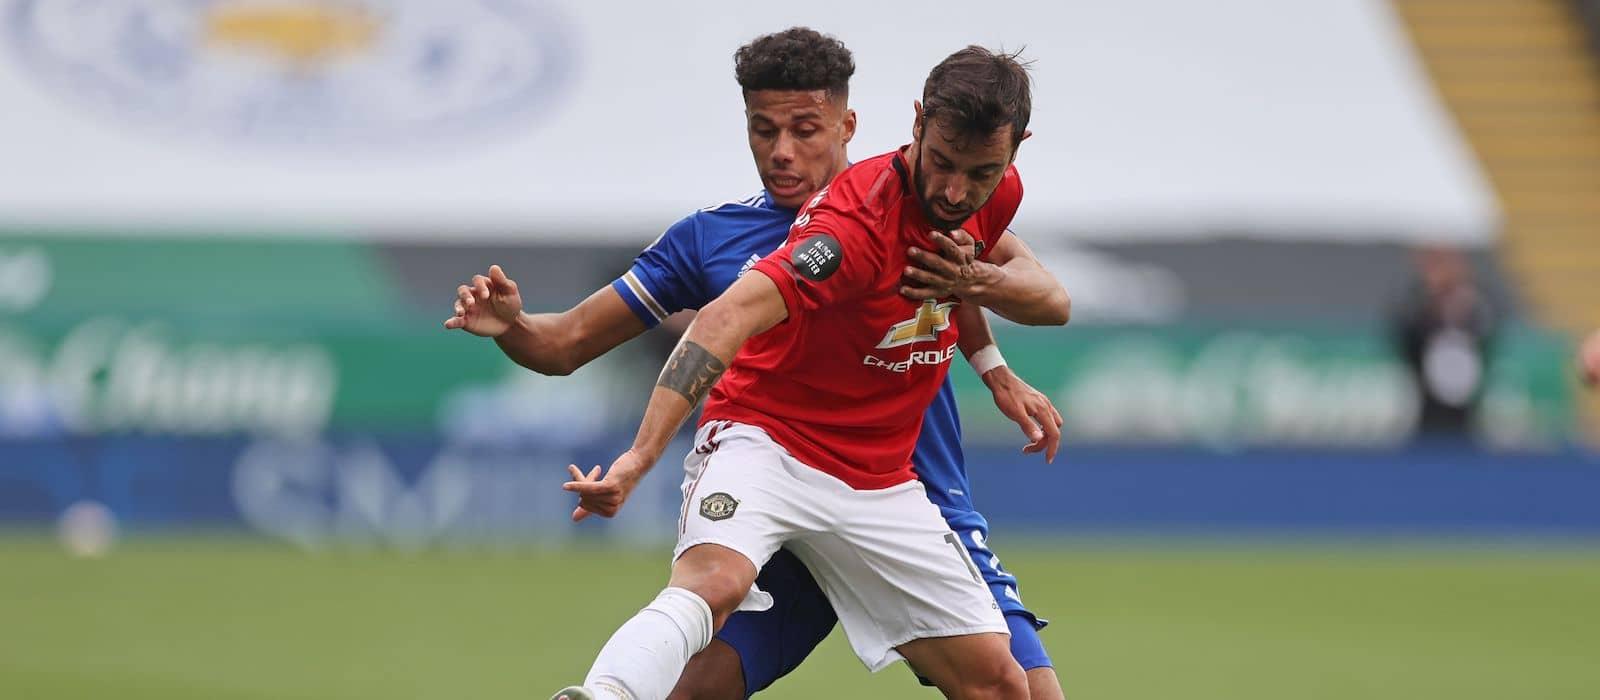 Bruno Fernandes backs Jesse Lingard after scoring vs Leicester City